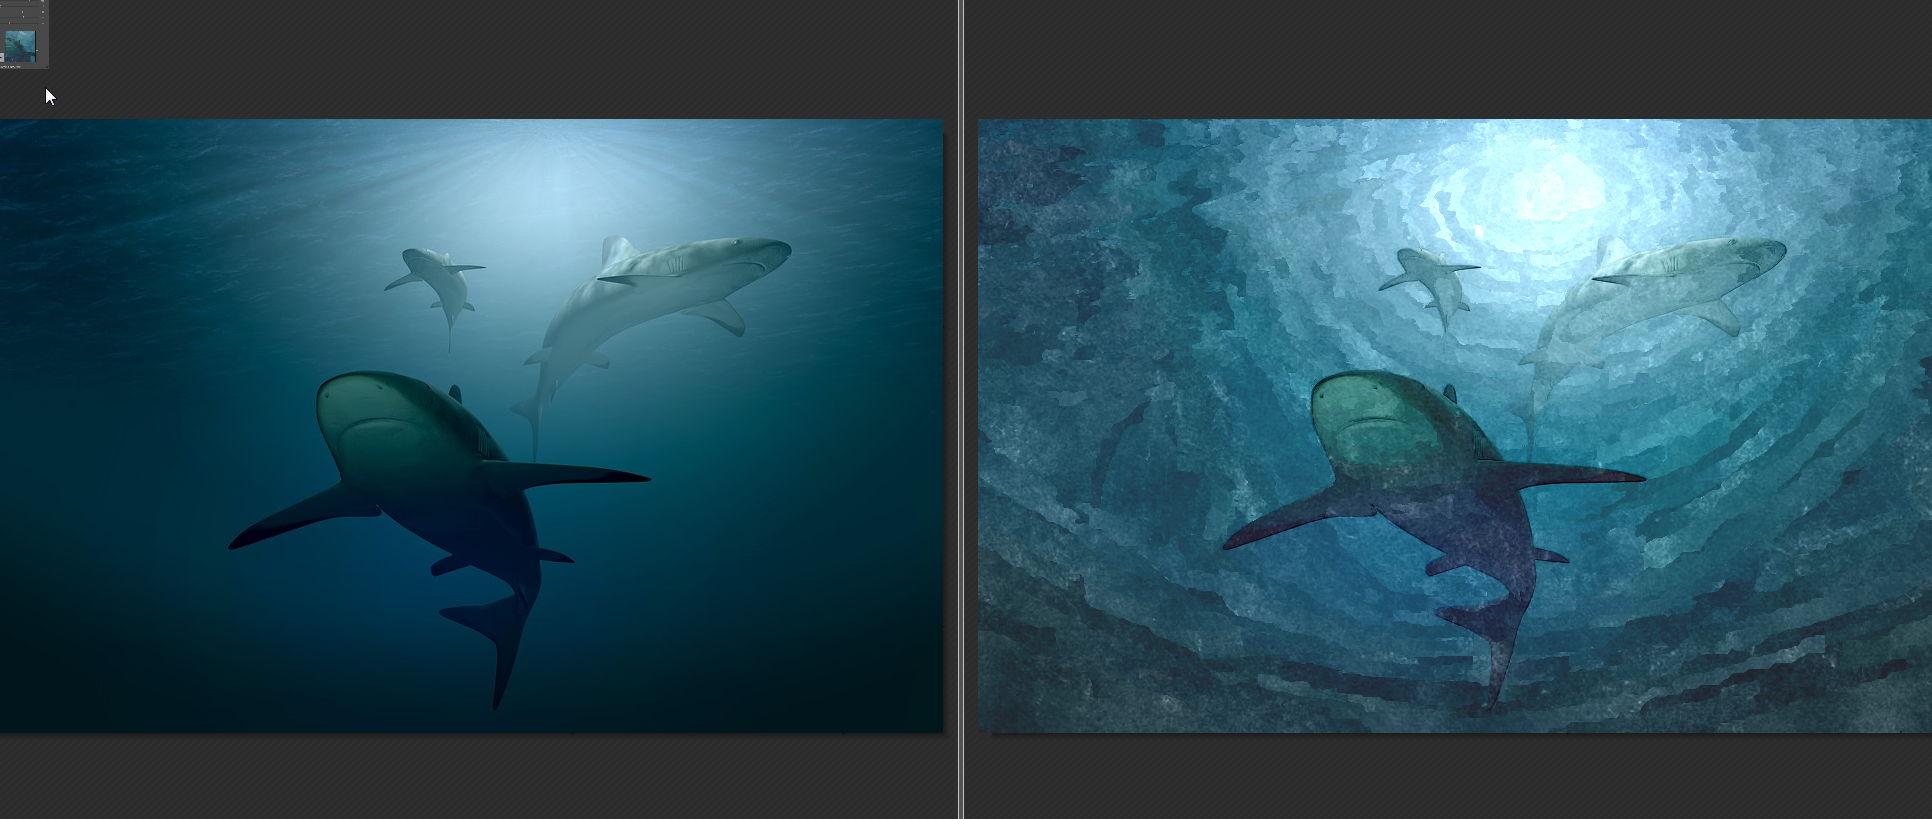 【照片转油画】FotoSketcher  照片转油画工具,轻松将照片转水彩画。